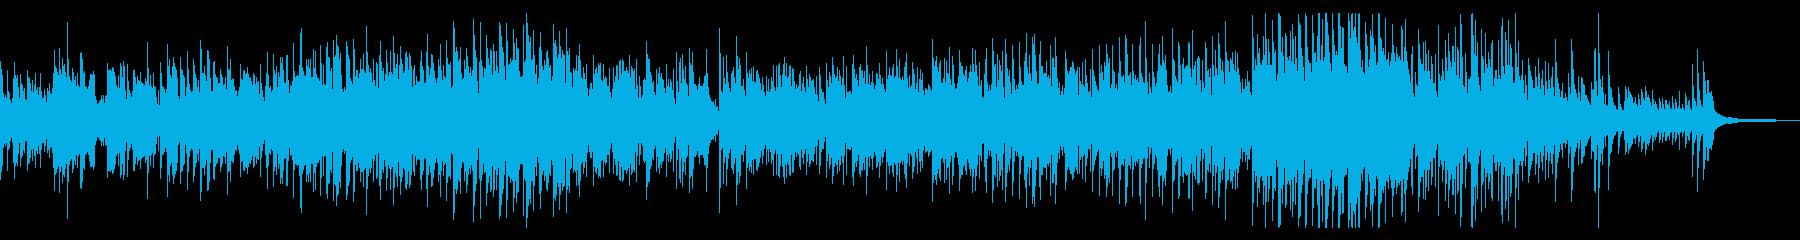 バイオリンの感動的なバラード/結婚式の再生済みの波形